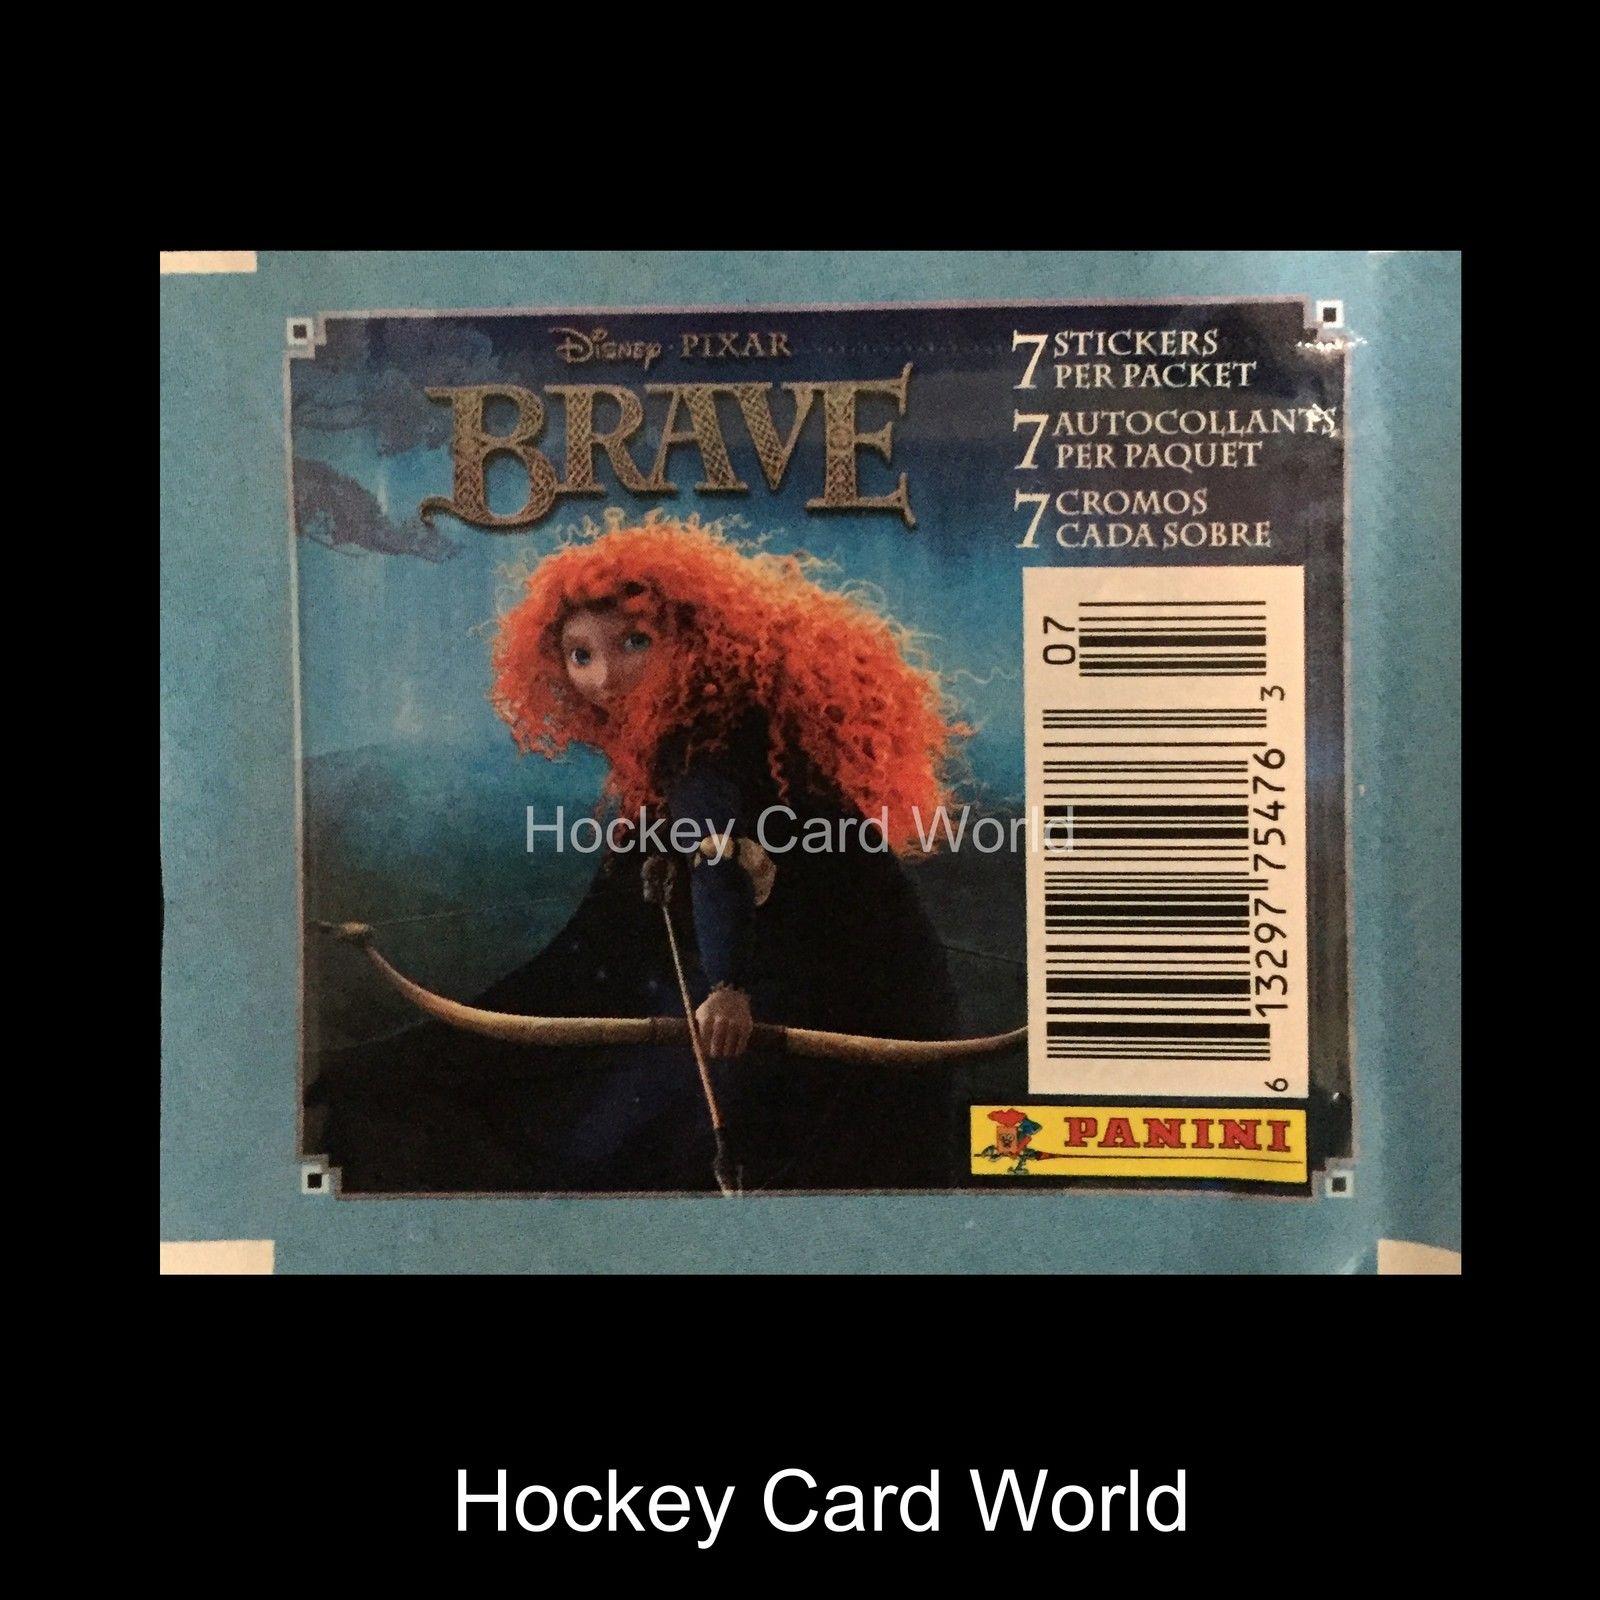 7 Album Sticker Panini Pack HCW 2011 Nickelodeon SpongeBob SquarePants